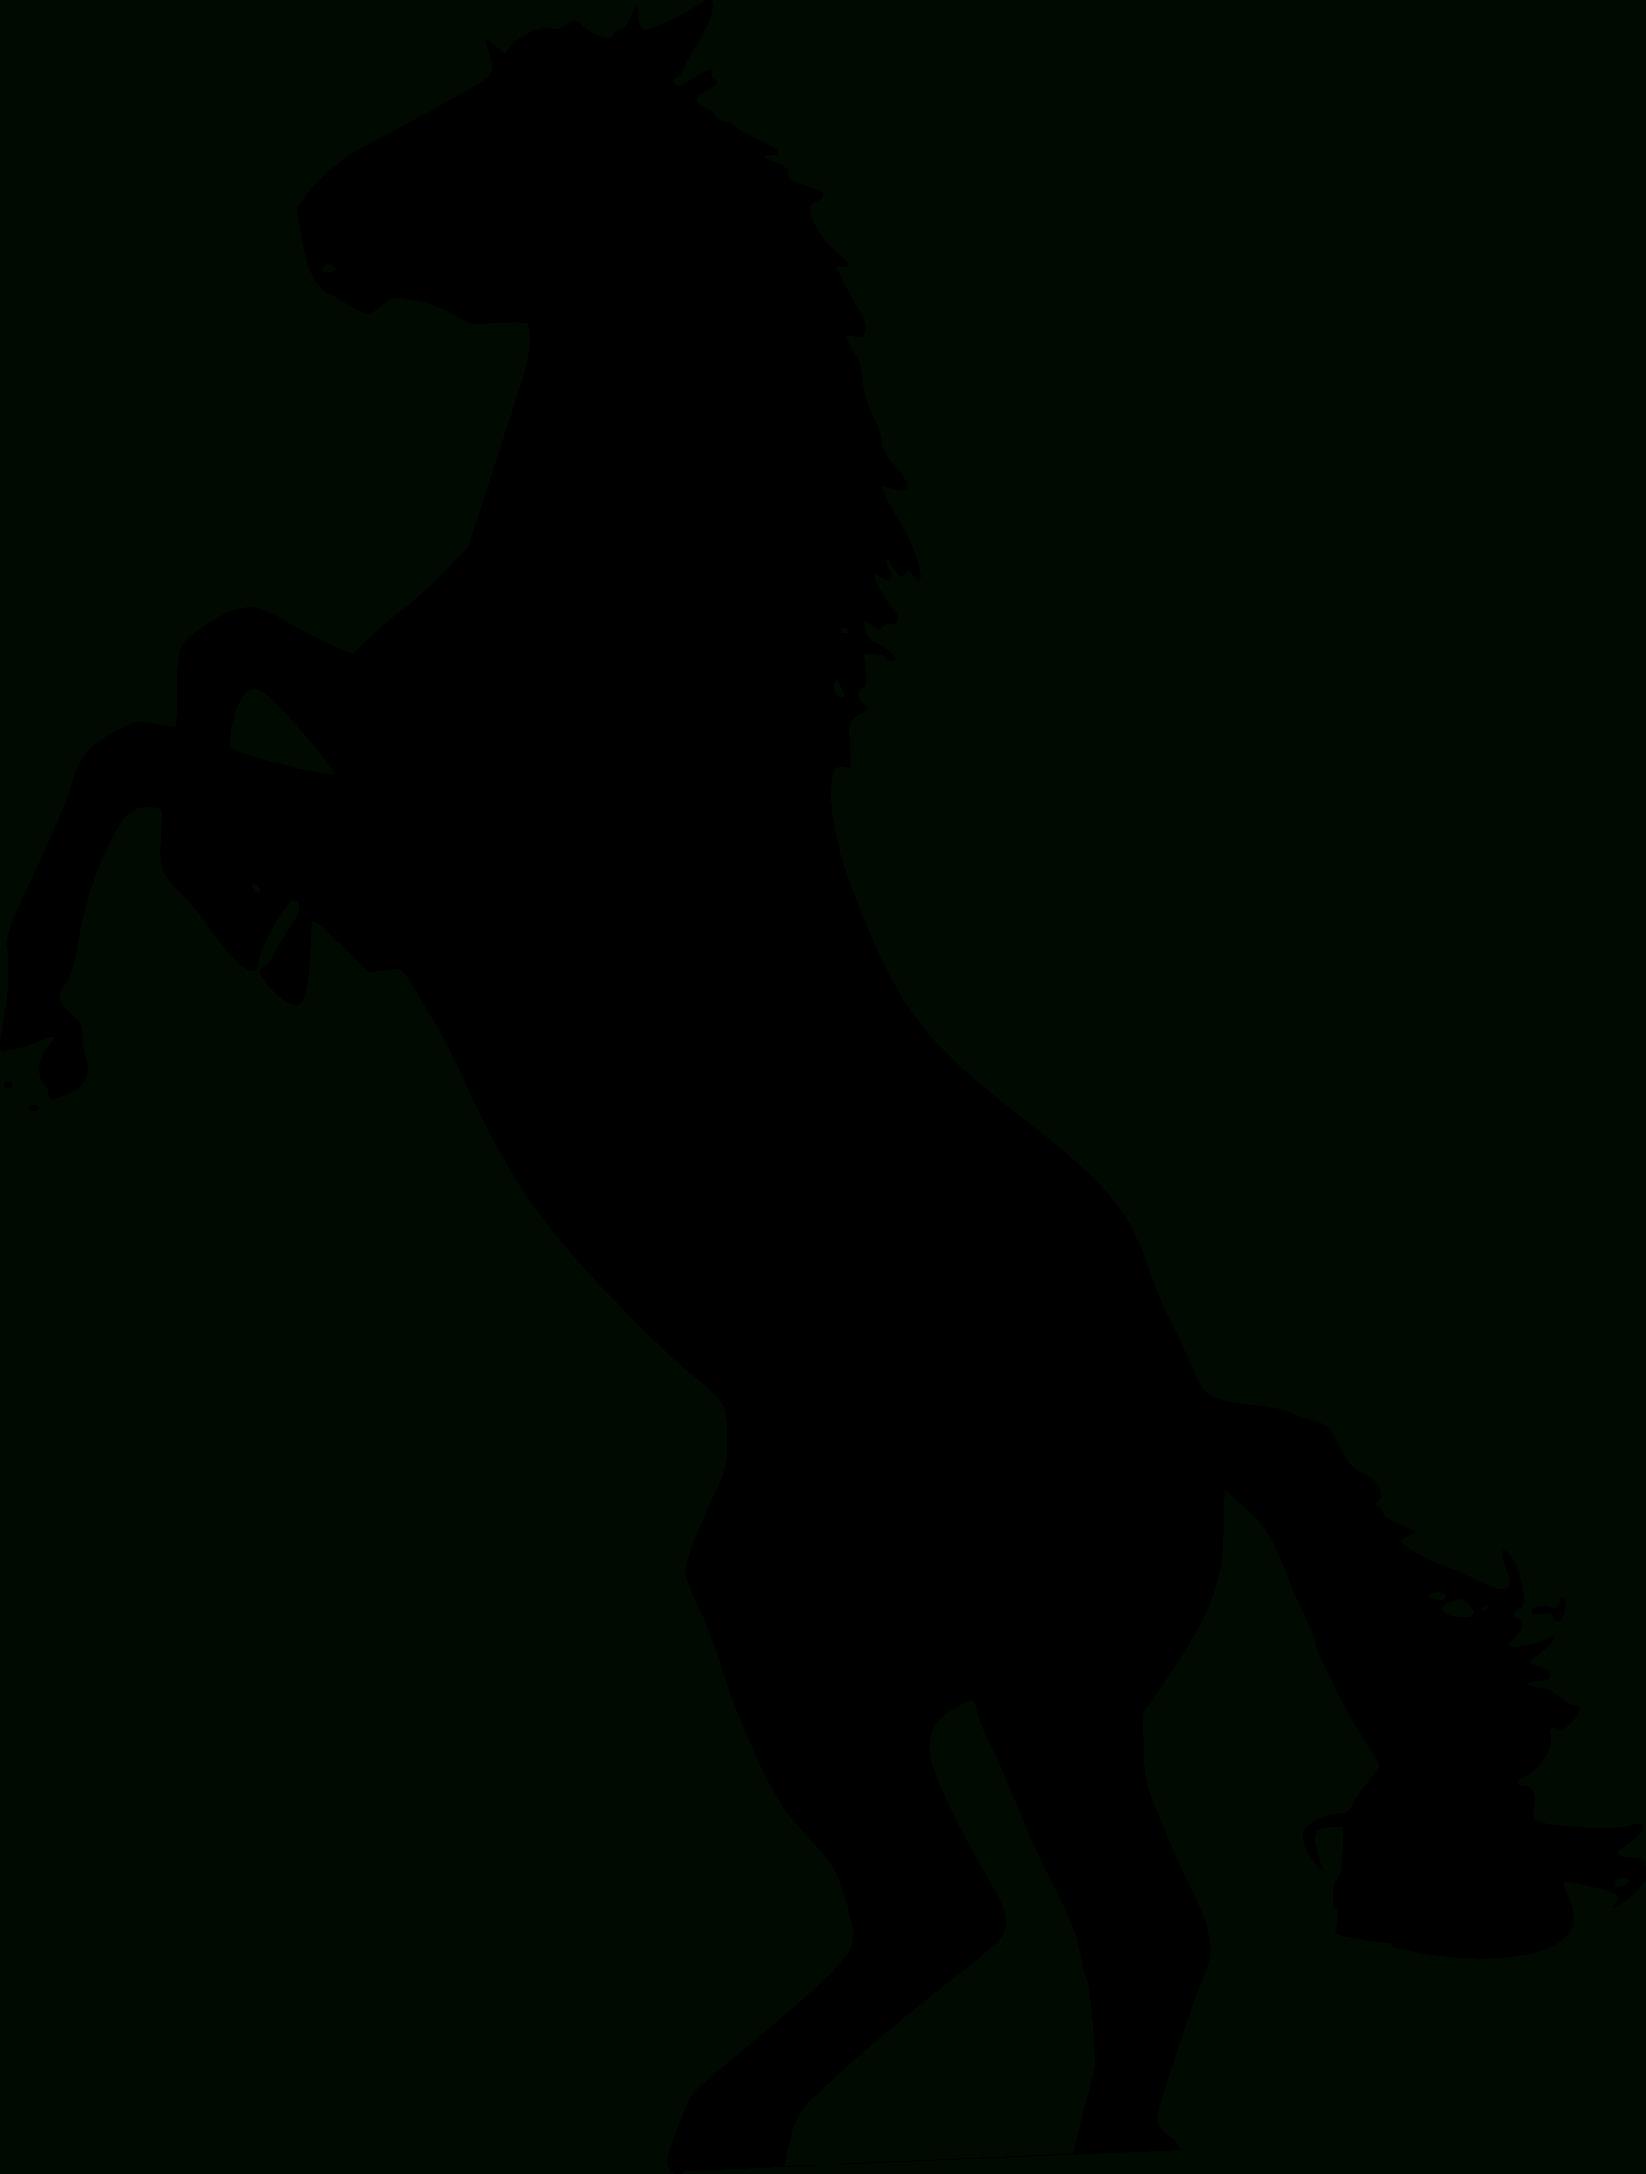 Animaux/silhouettes | Visuels L214 dedans Silhouette D Animaux À Imprimer